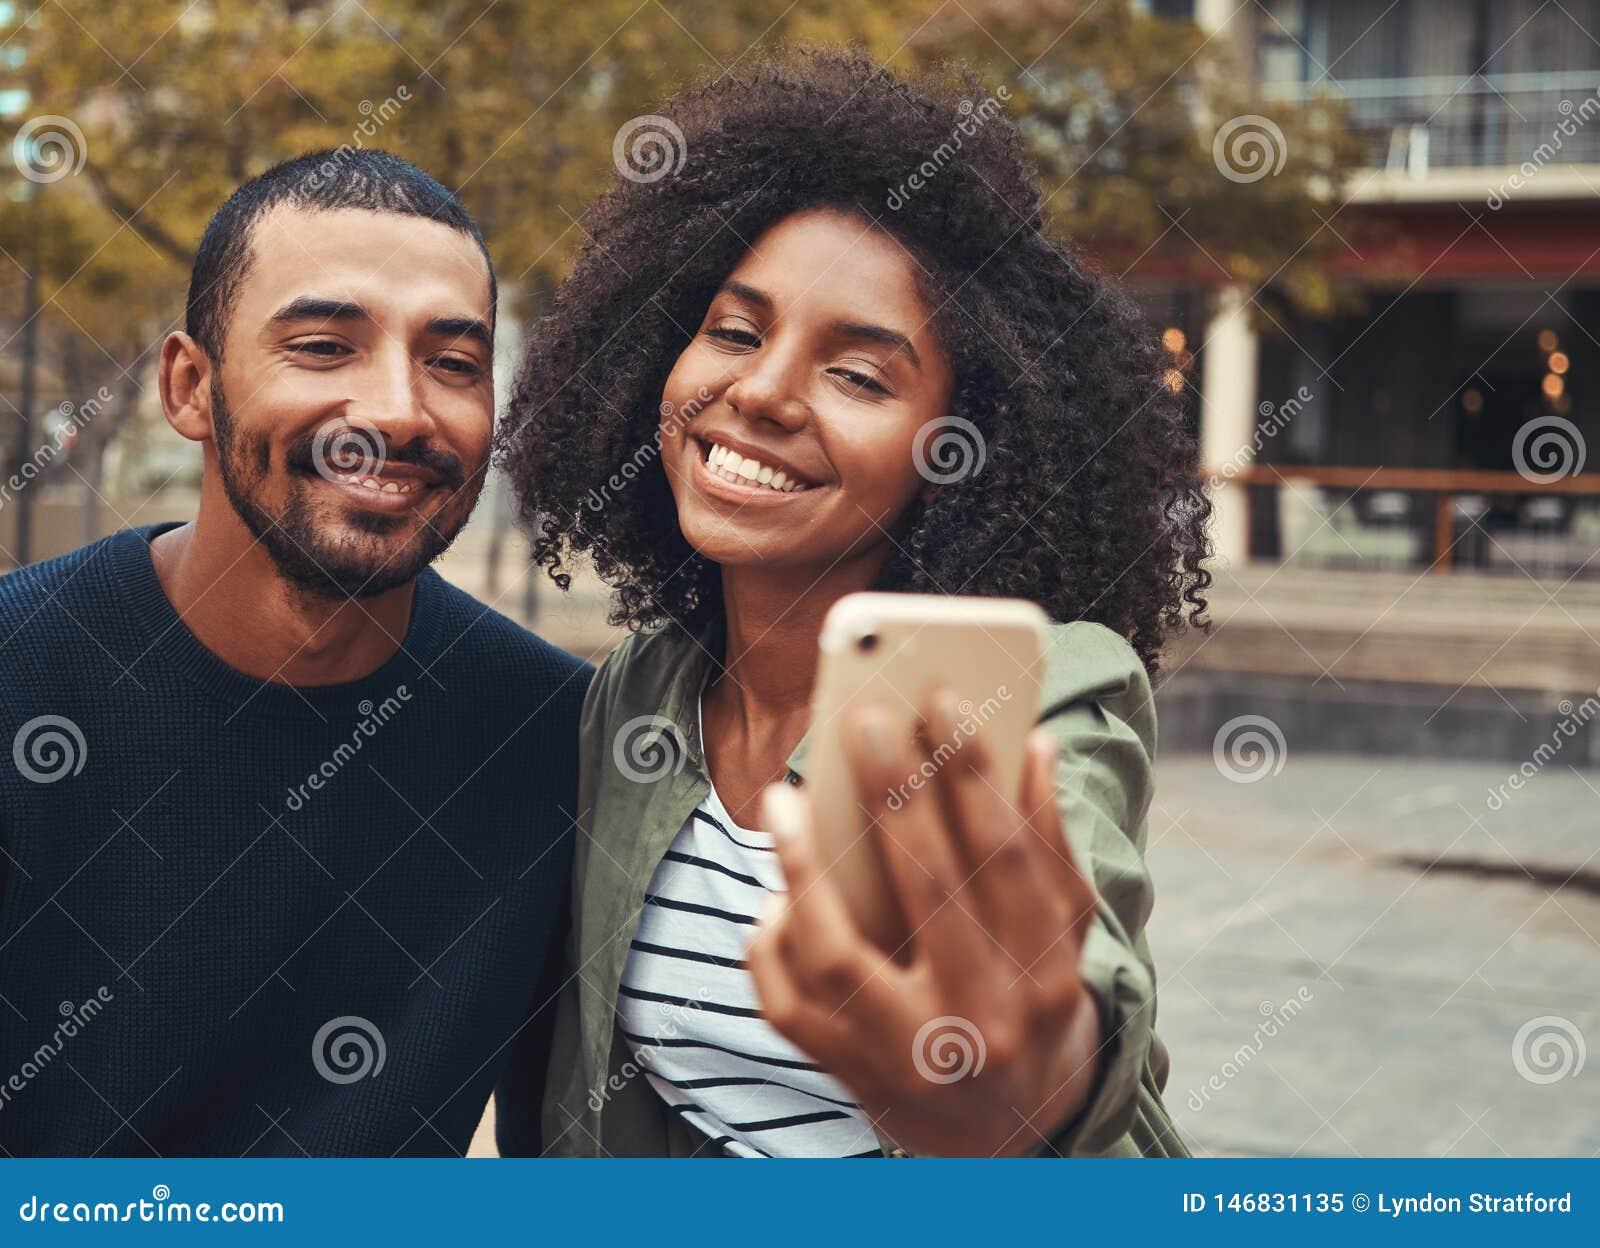 Glimlachend jong paar die selfie op smartphone nemen